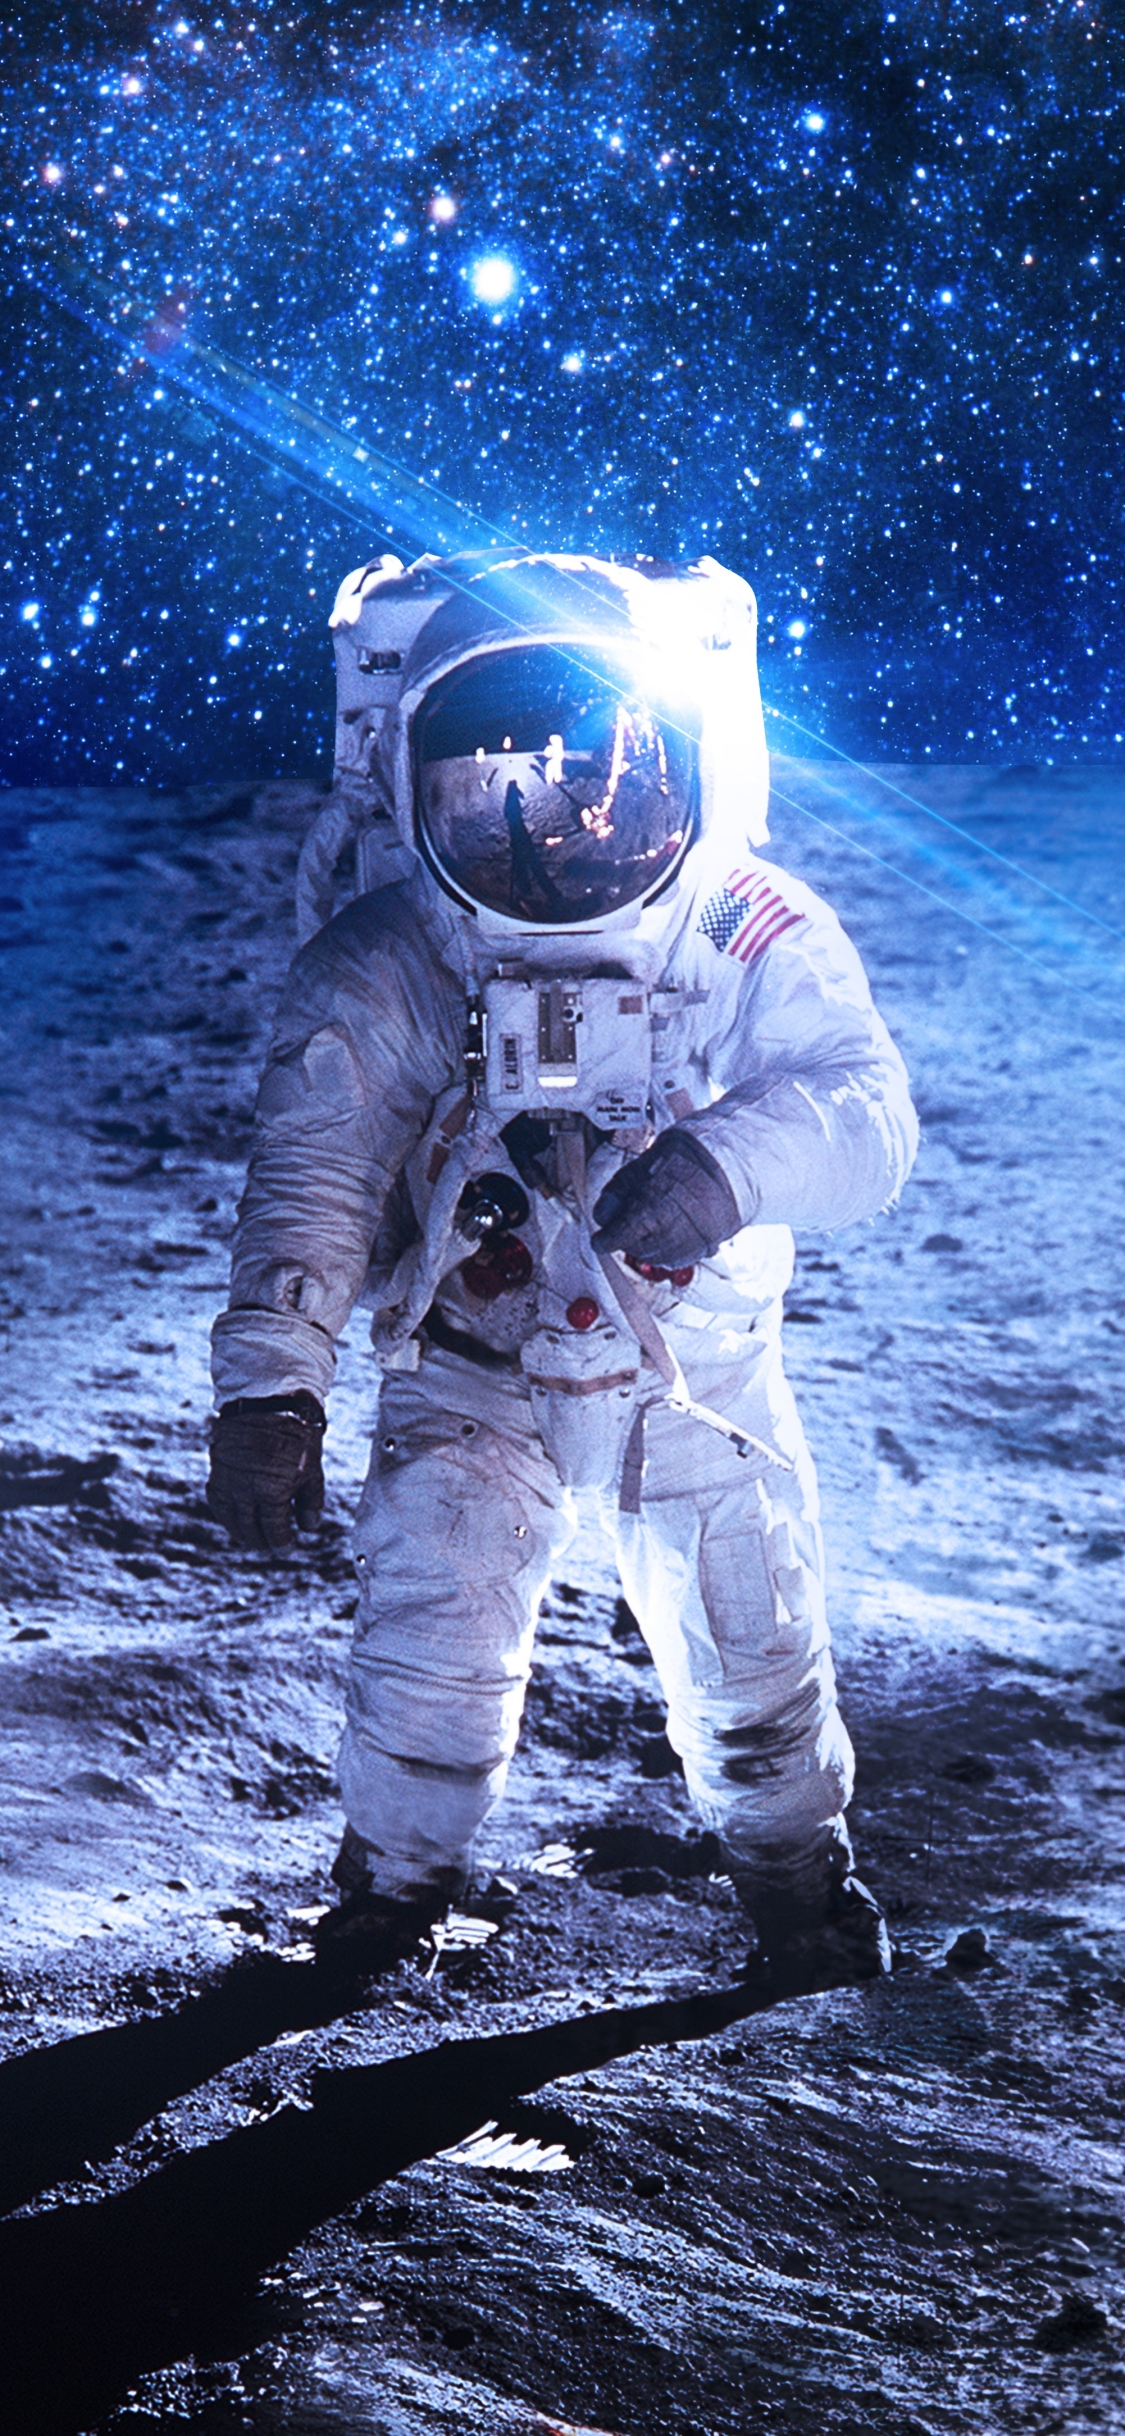 宇宙飛行士iphone X スペース壁紙 1125 2436 Iphoneチーズ